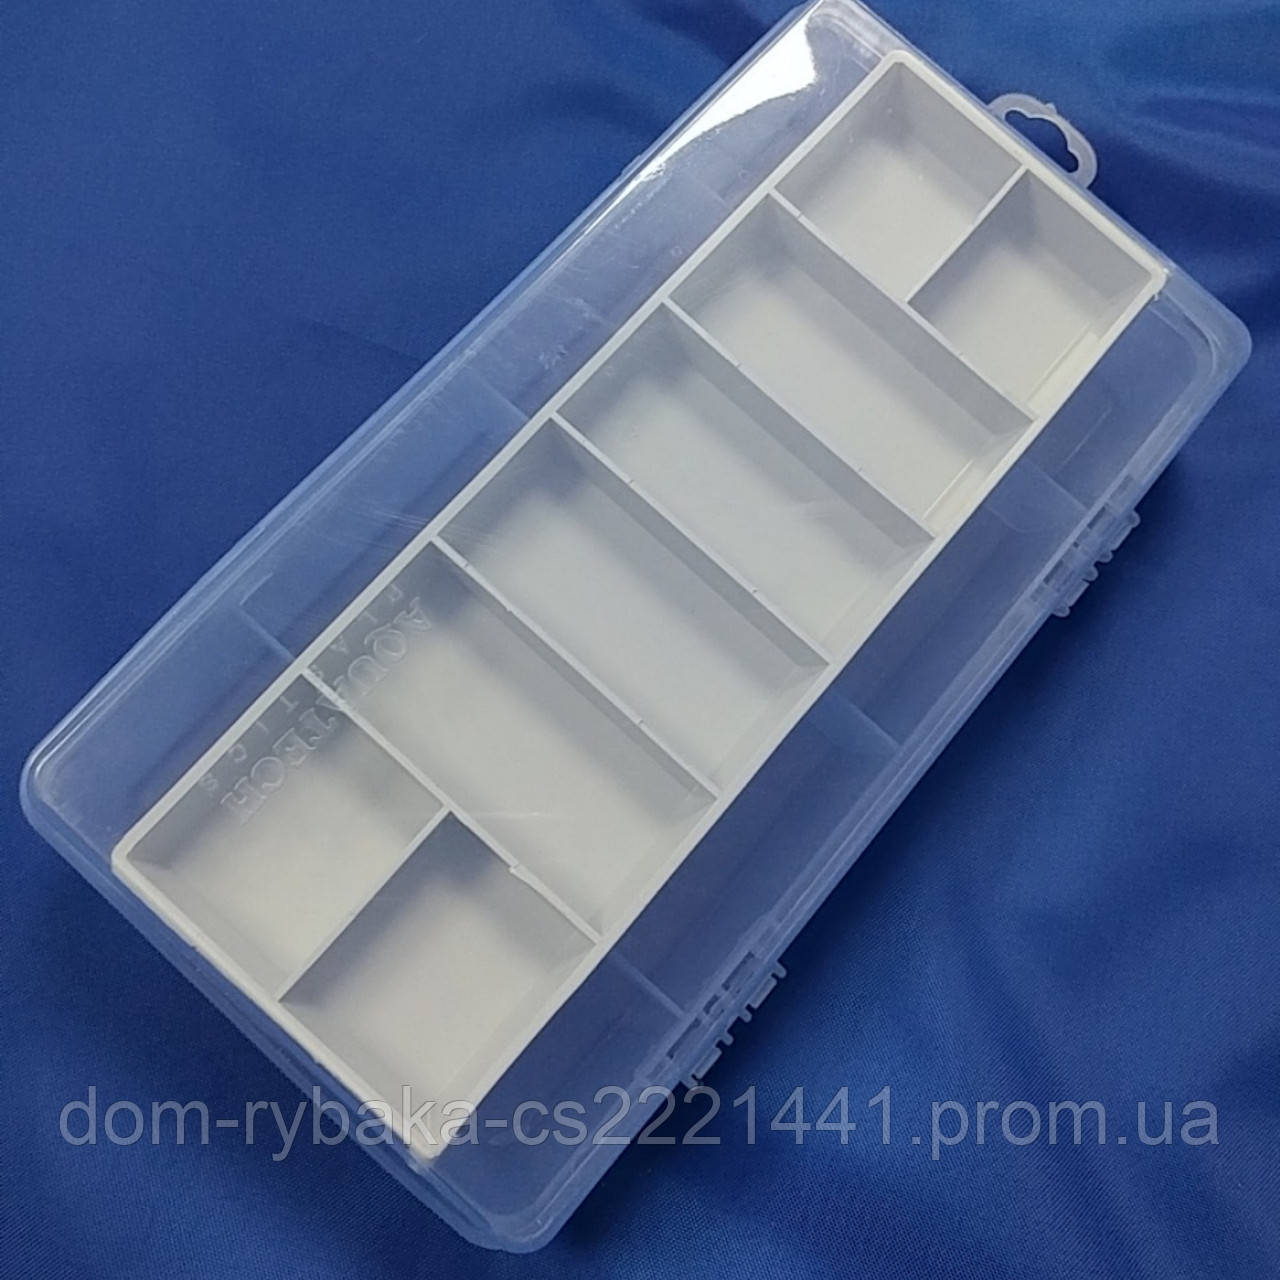 Aquatech Коробка со скользящей полкой (12 ячеек)7100, фото 1